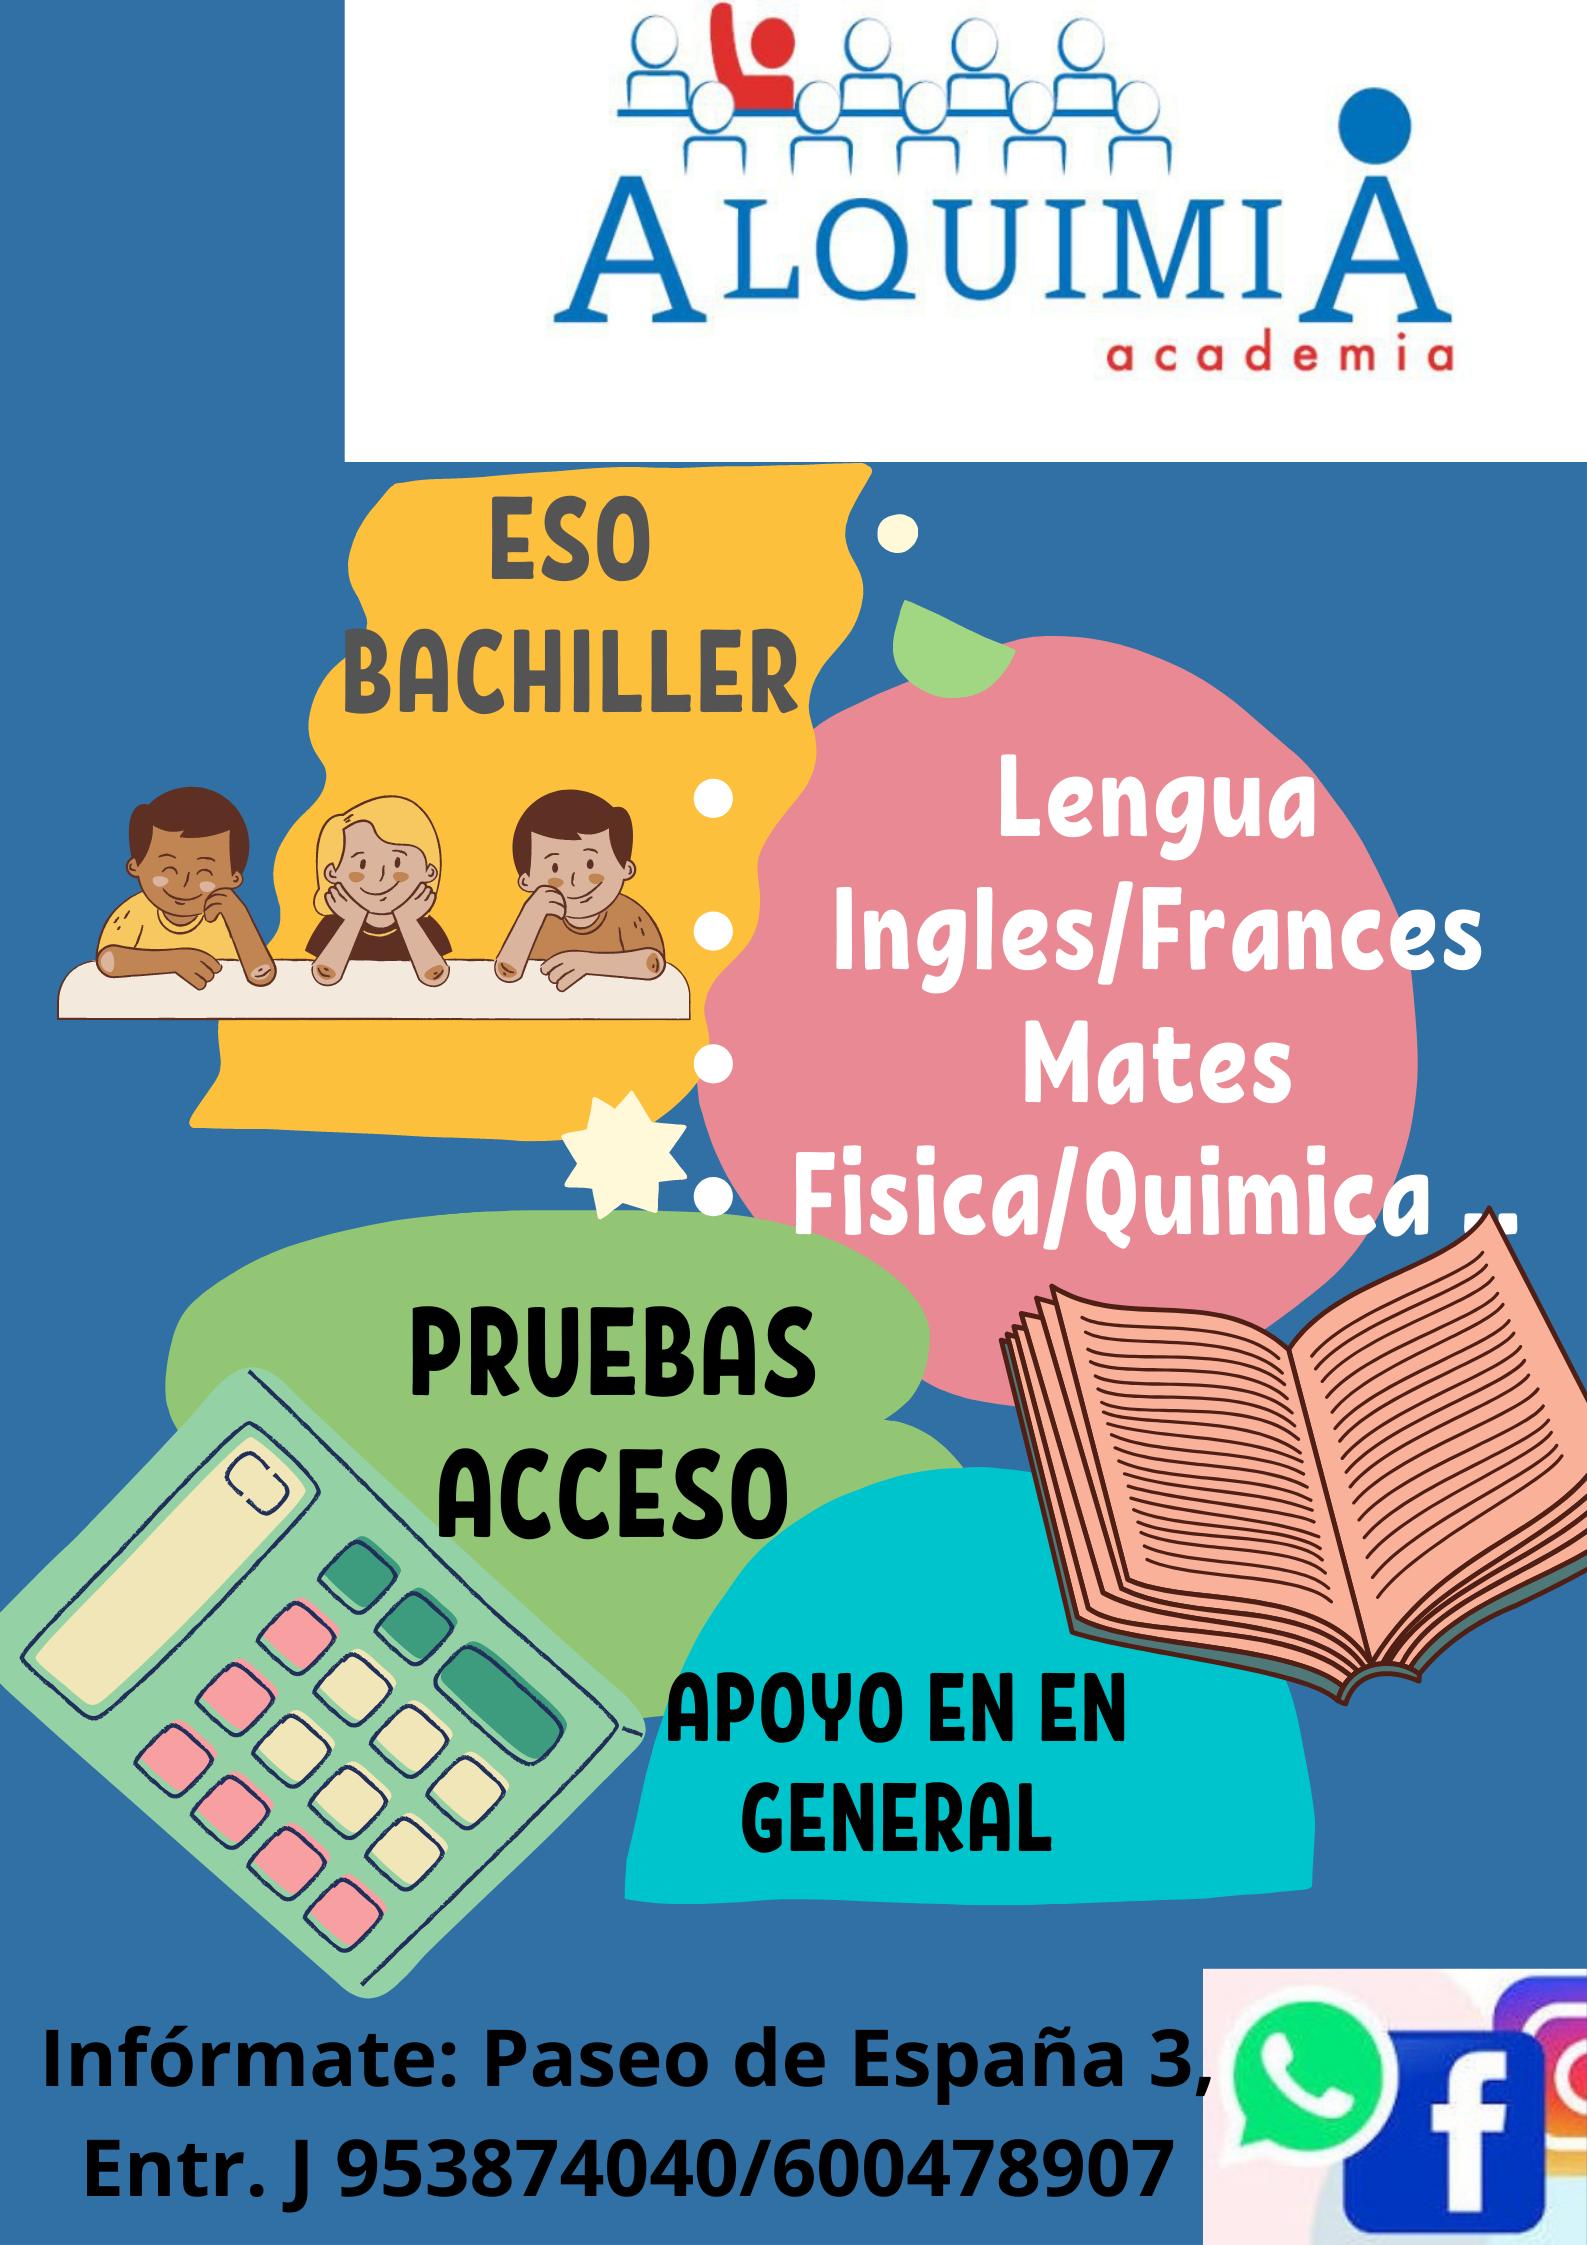 CLASES DE APOYO, PRIMARIA, ESO Y BACHILLER: NUESTRA OFERTA FORMATIVA de Alquimia